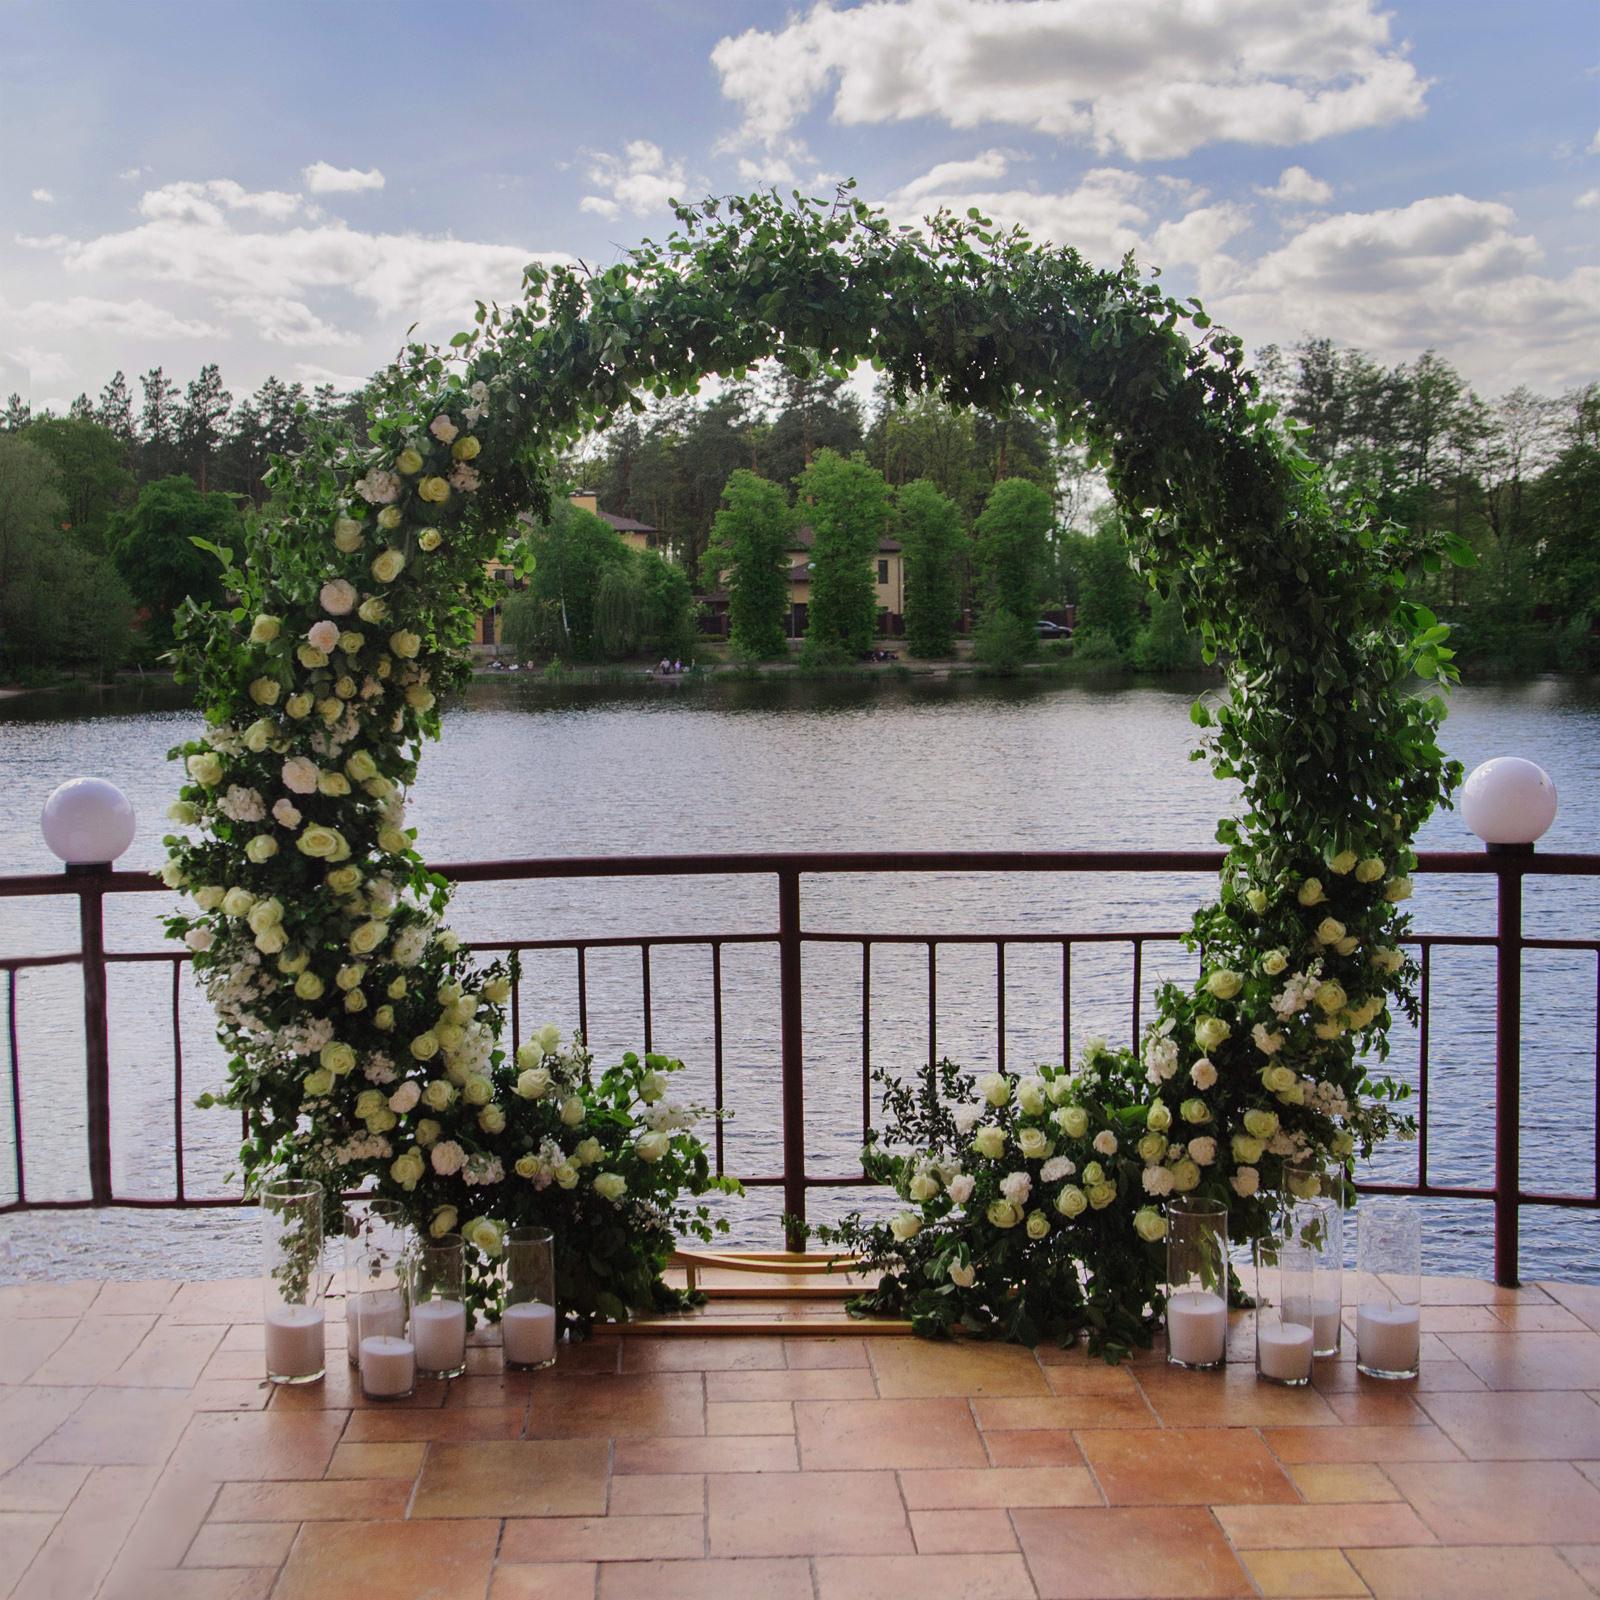 """Круглая свадебная арка из зелени и цветов на террасе ресторана """"Пуща лесная"""" с выходом на озеро"""